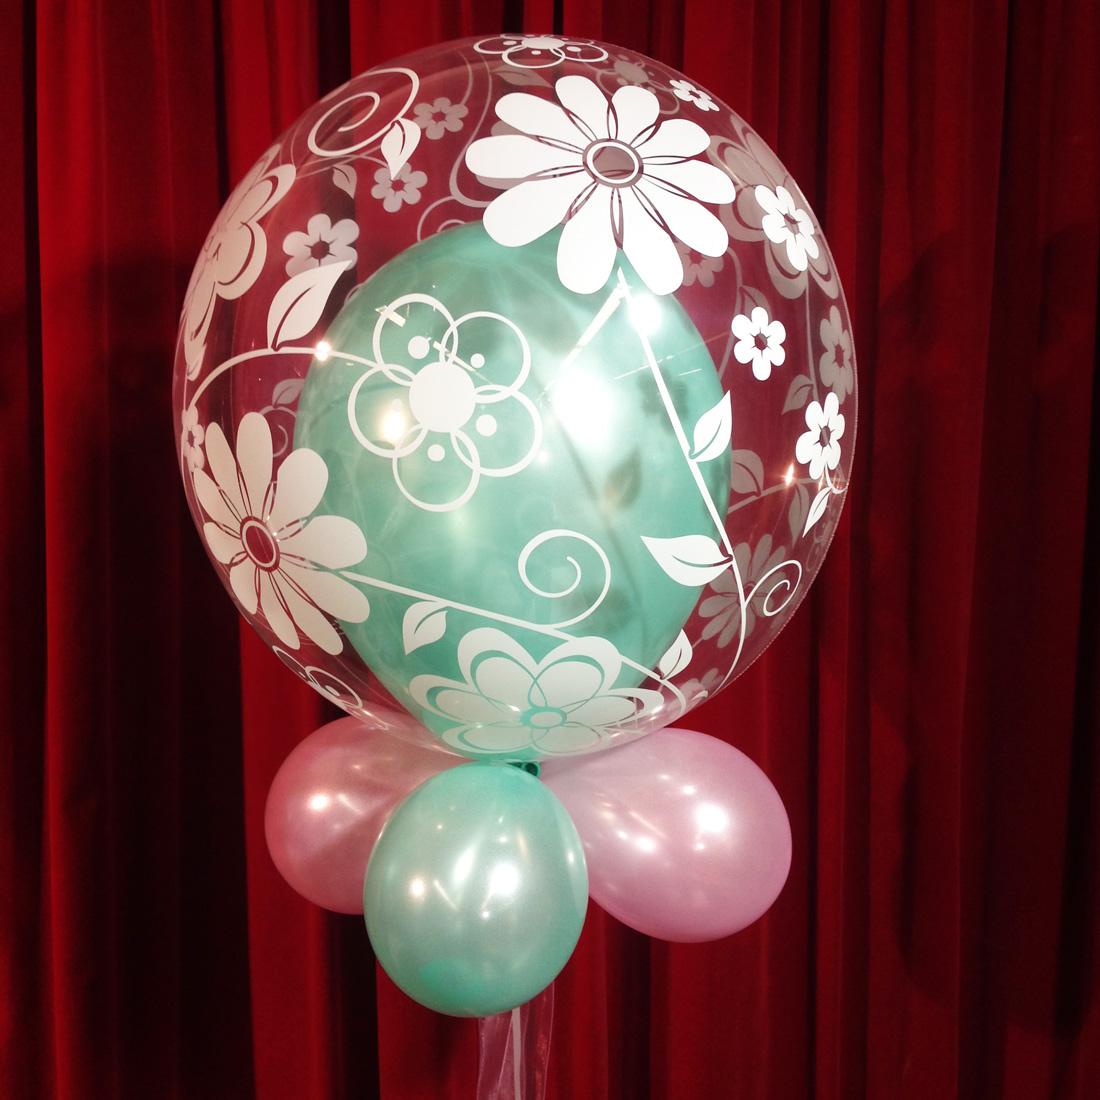 Ballondecoratie - Kleine bubbelballon met bloemenmotief